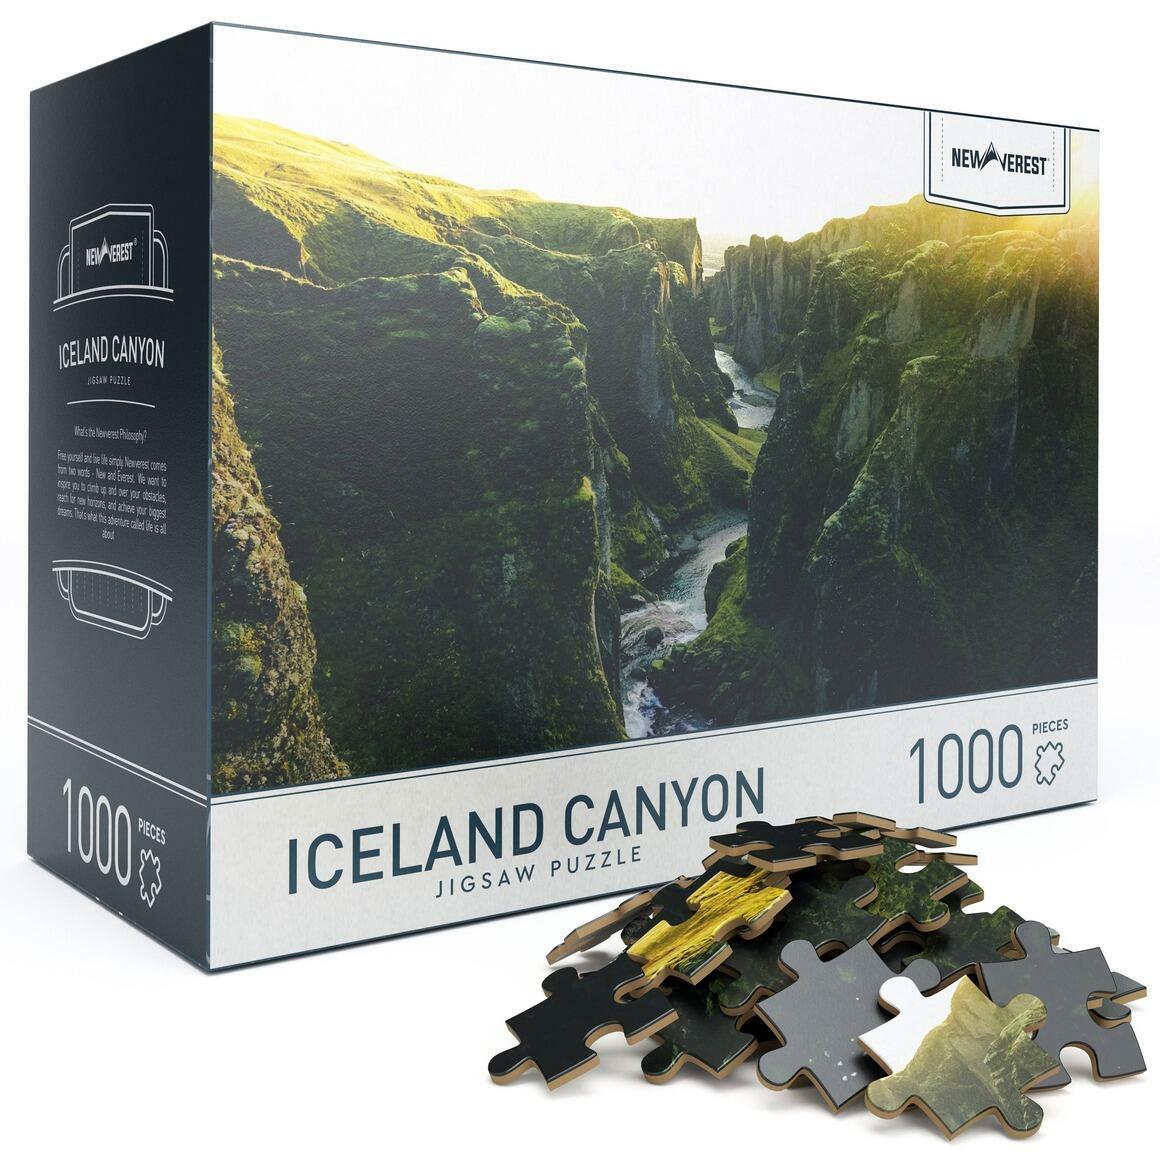 1000 pcs Newverest Iceland Canyon Jigsaw Puzzle | Trada Marketplace